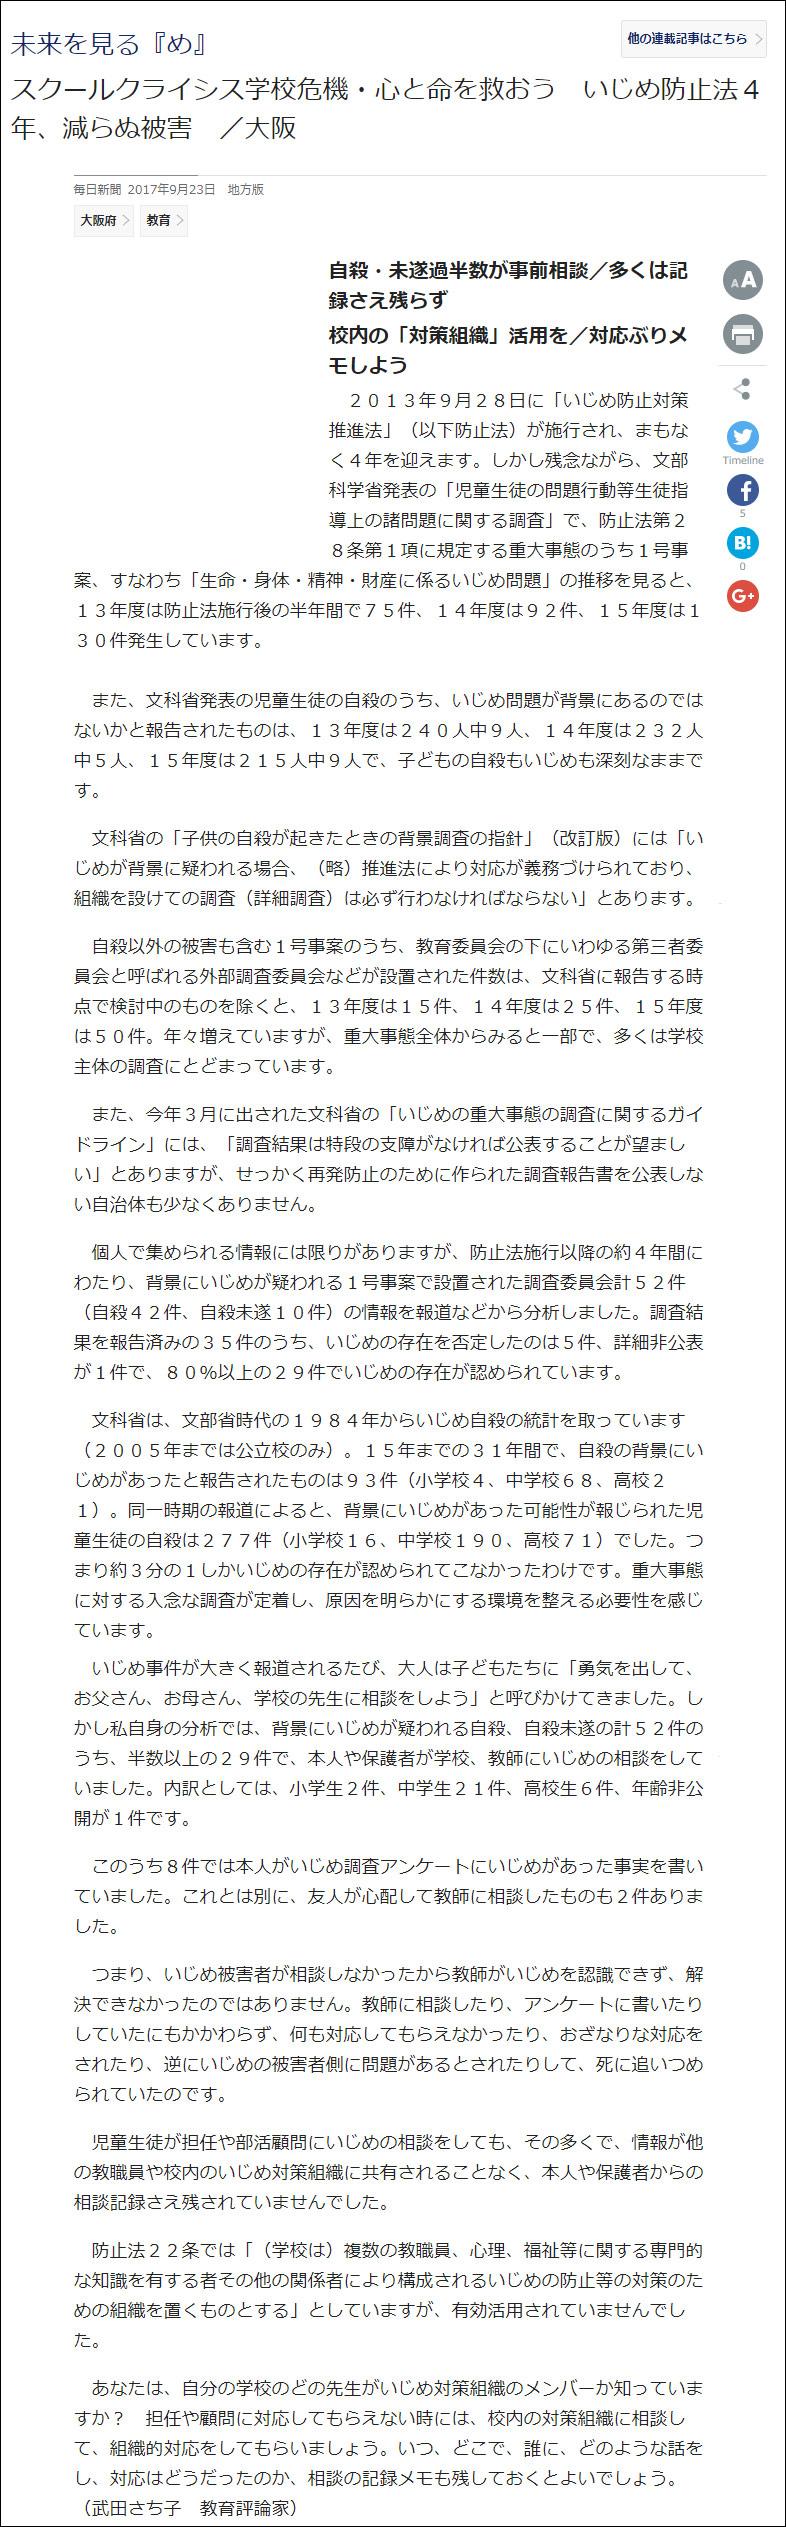 武田さち子:毎日新聞掲載、2017年9月23日「スクールクライシス学校危機・心と命を救おう」